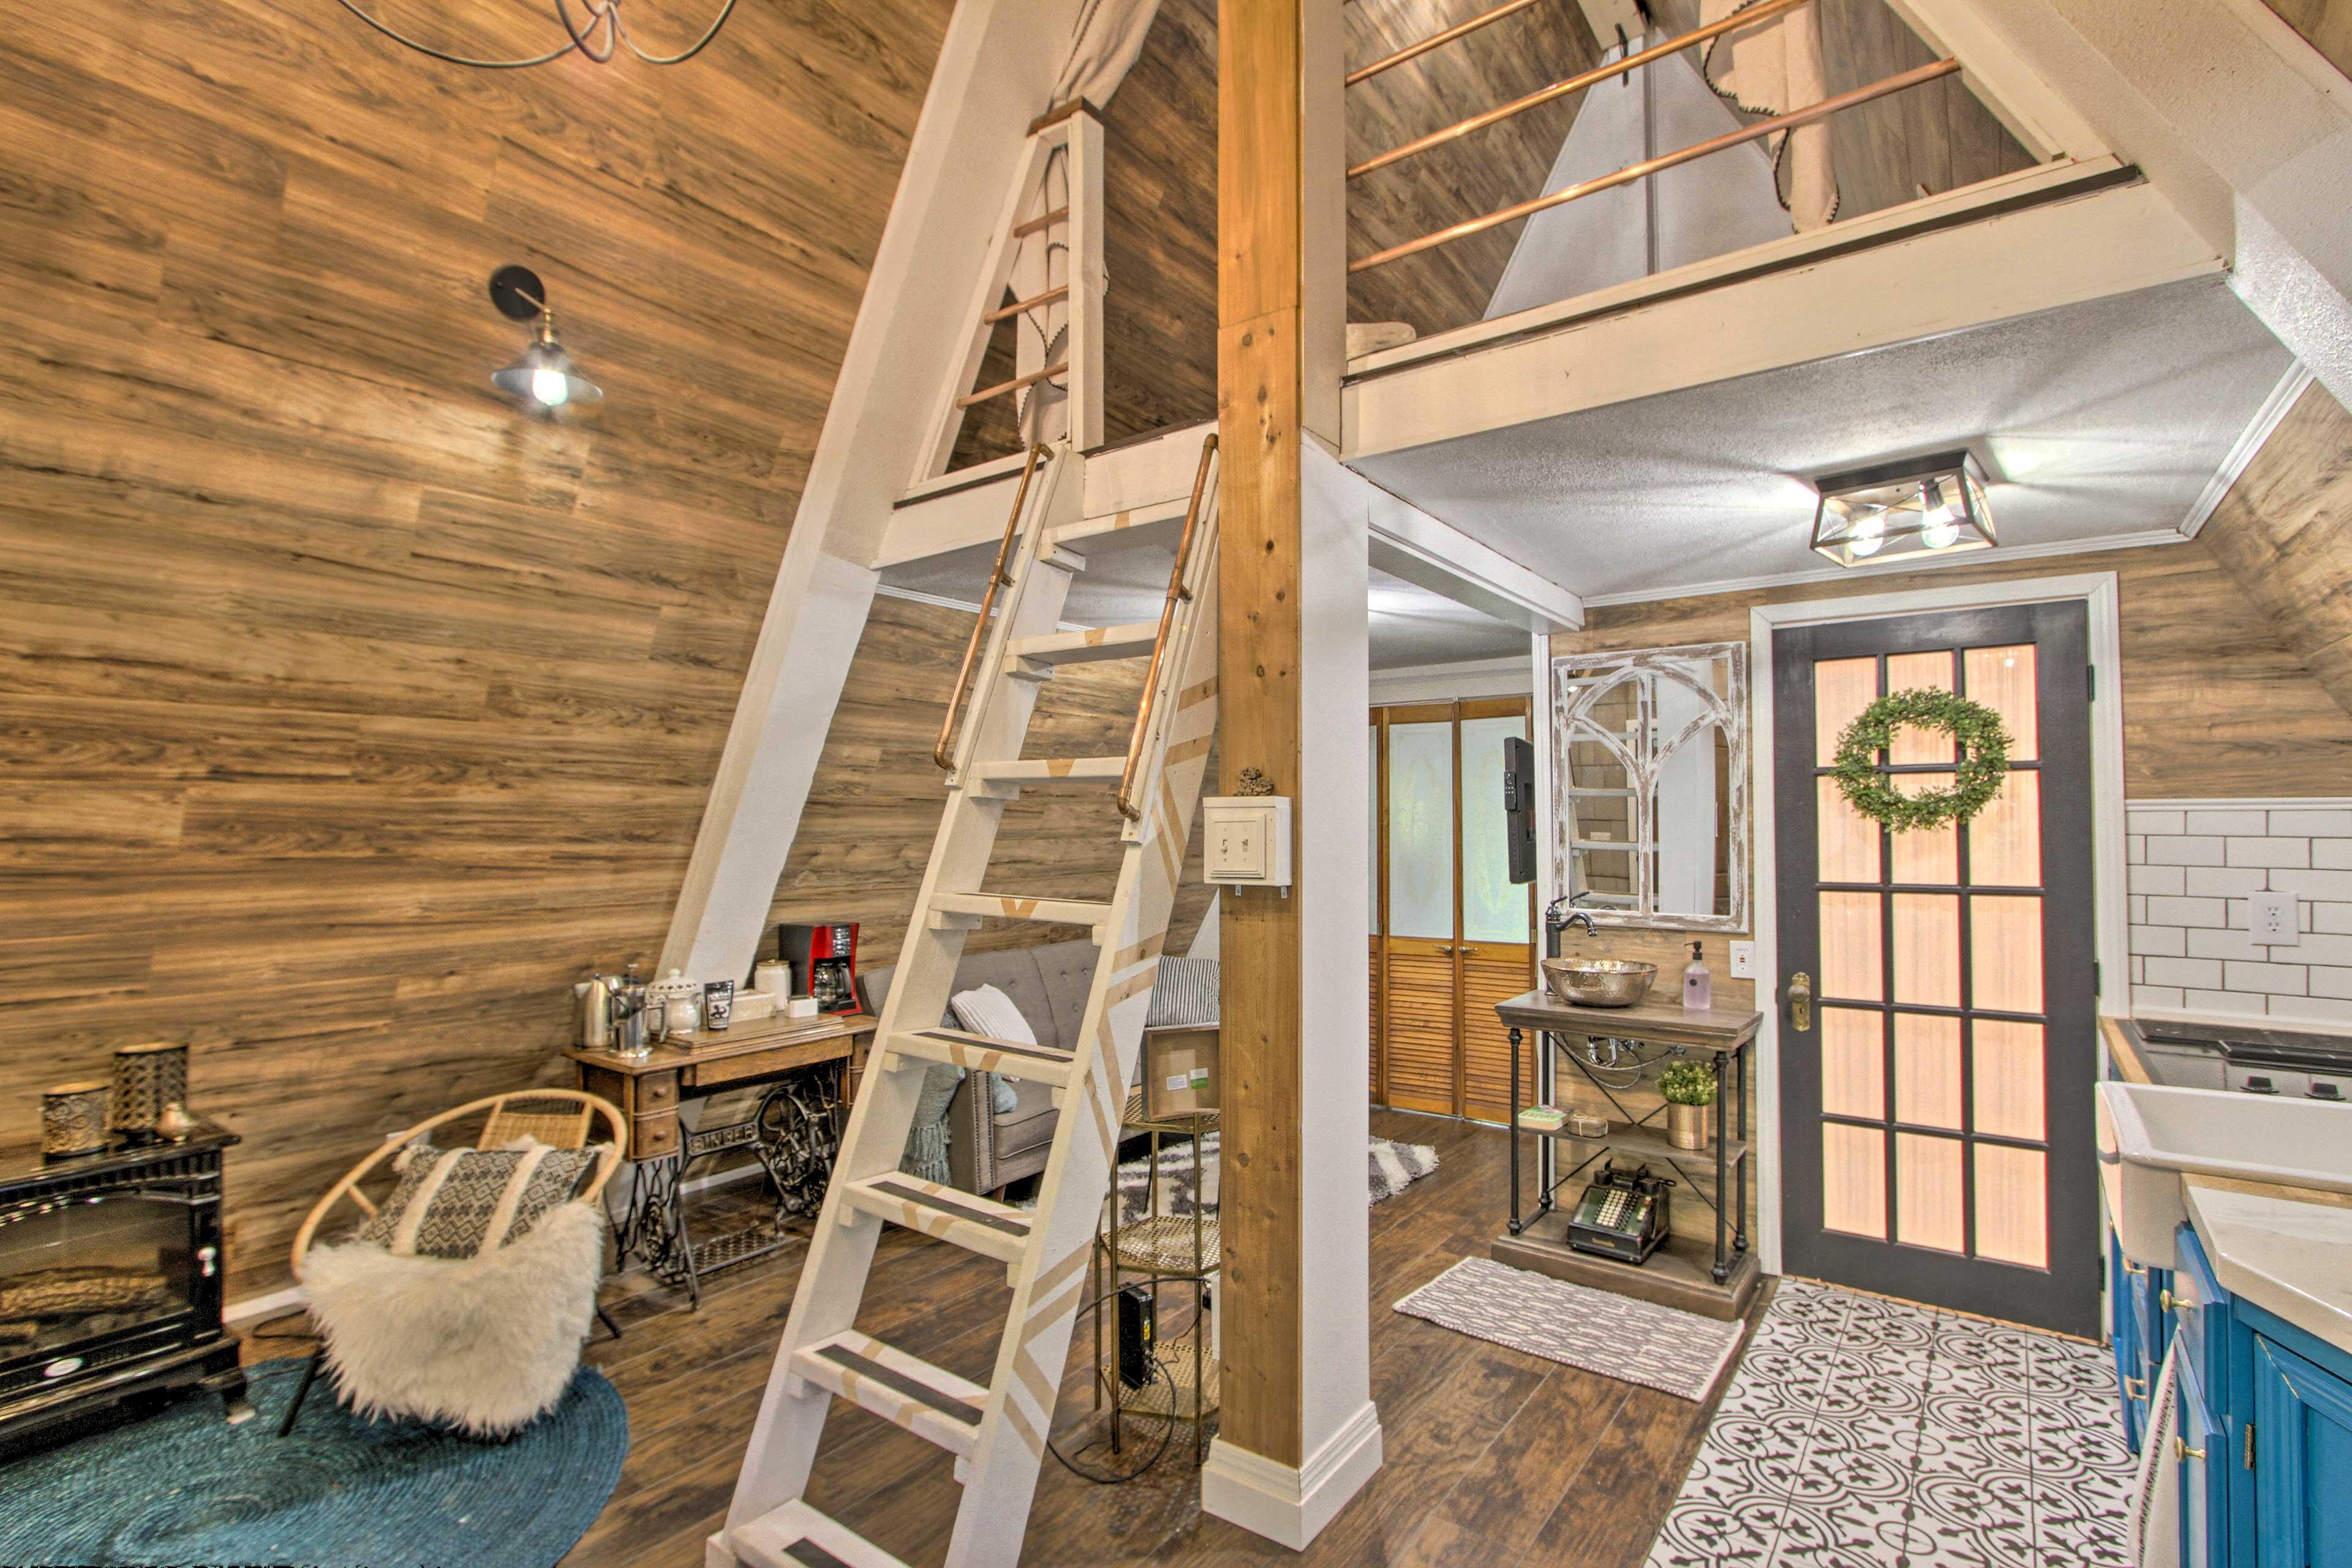 Climb the ladder to reach the loft!